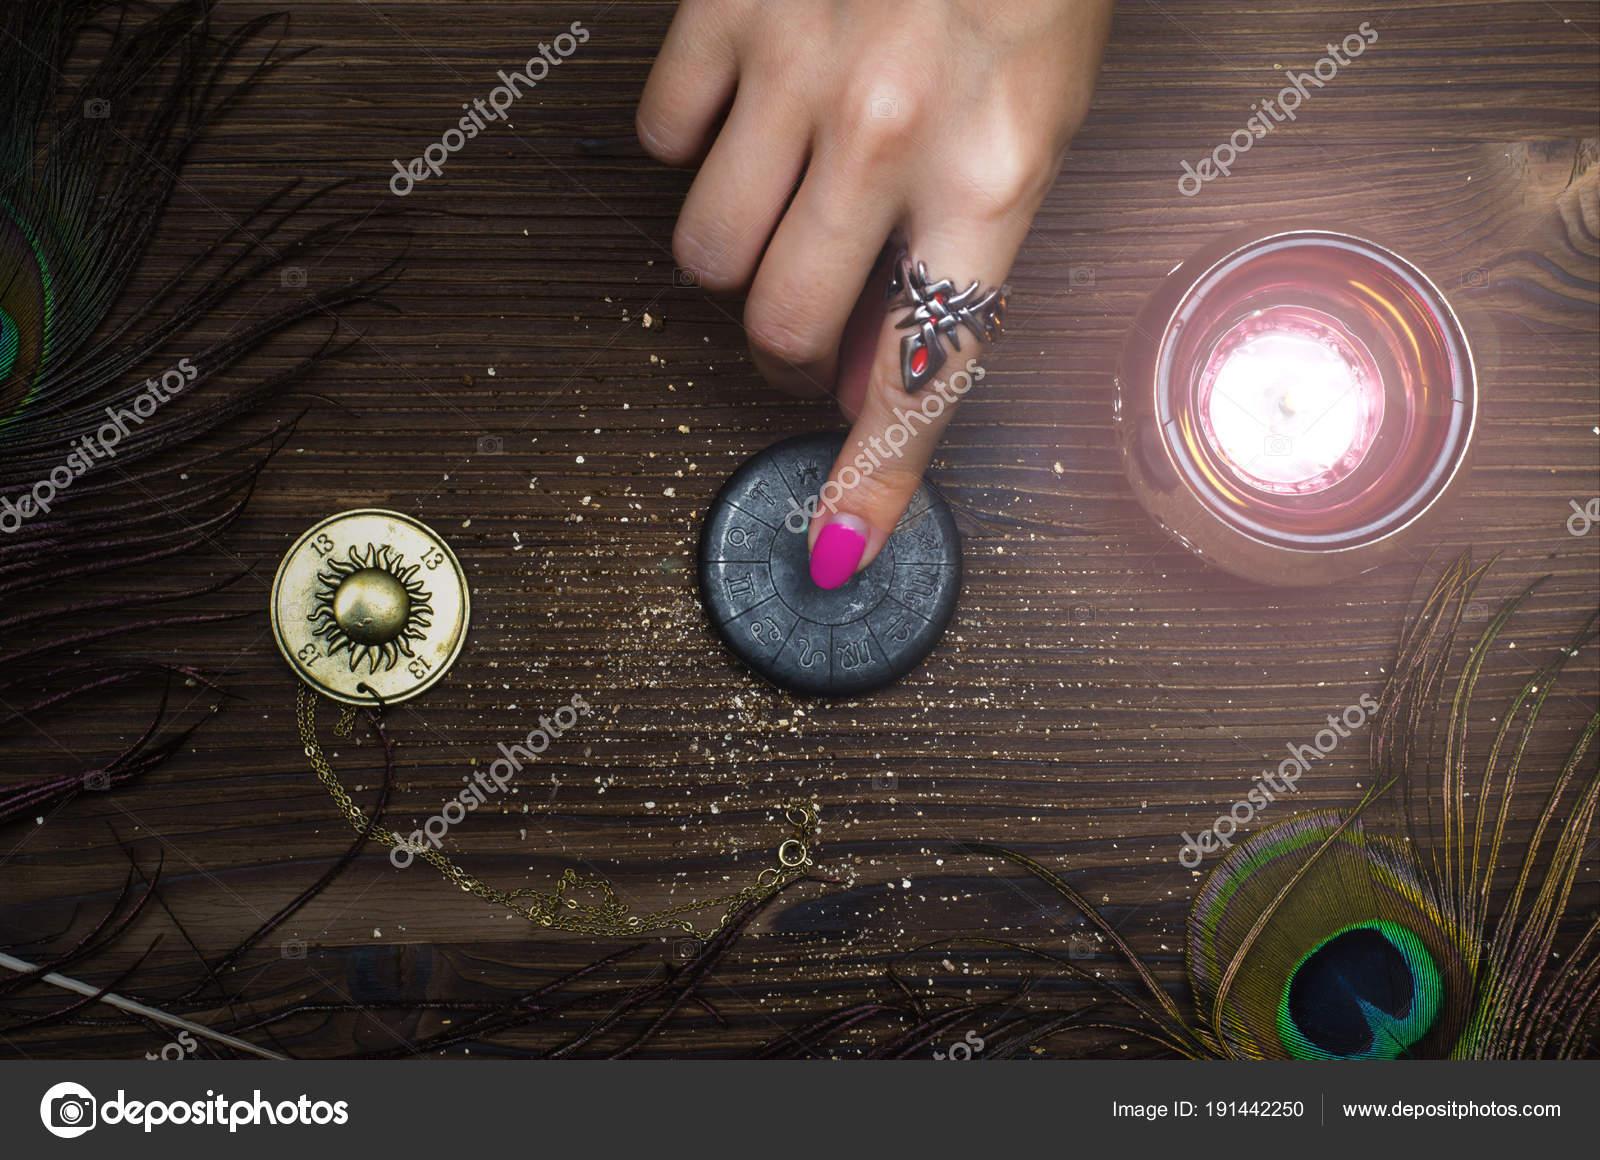 https://st3.depositphotos.com/11722187/19144/i/1600/depositphotos_191442250-stockafbeelding-dierenriem-talisman-vrouwelijke-hand-verlichting.jpg